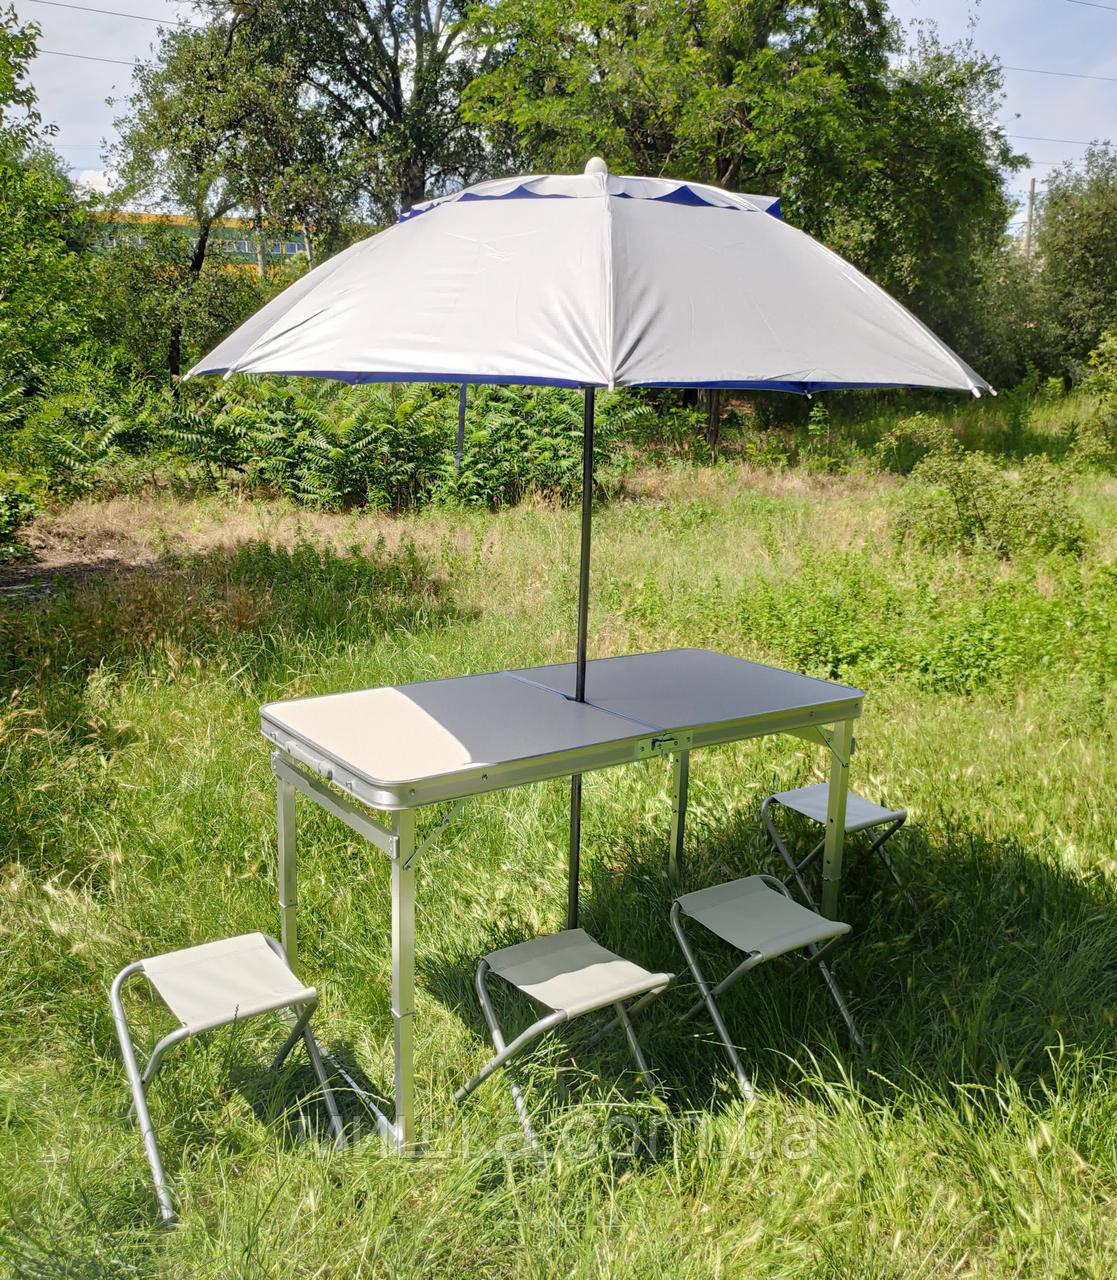 УСИЛЕННЫЙ БЕЛЫЙ раскладной удобный стол для пикника и 4 стула + компактный прочный зонт 1,6 м в ПОДАРОК!